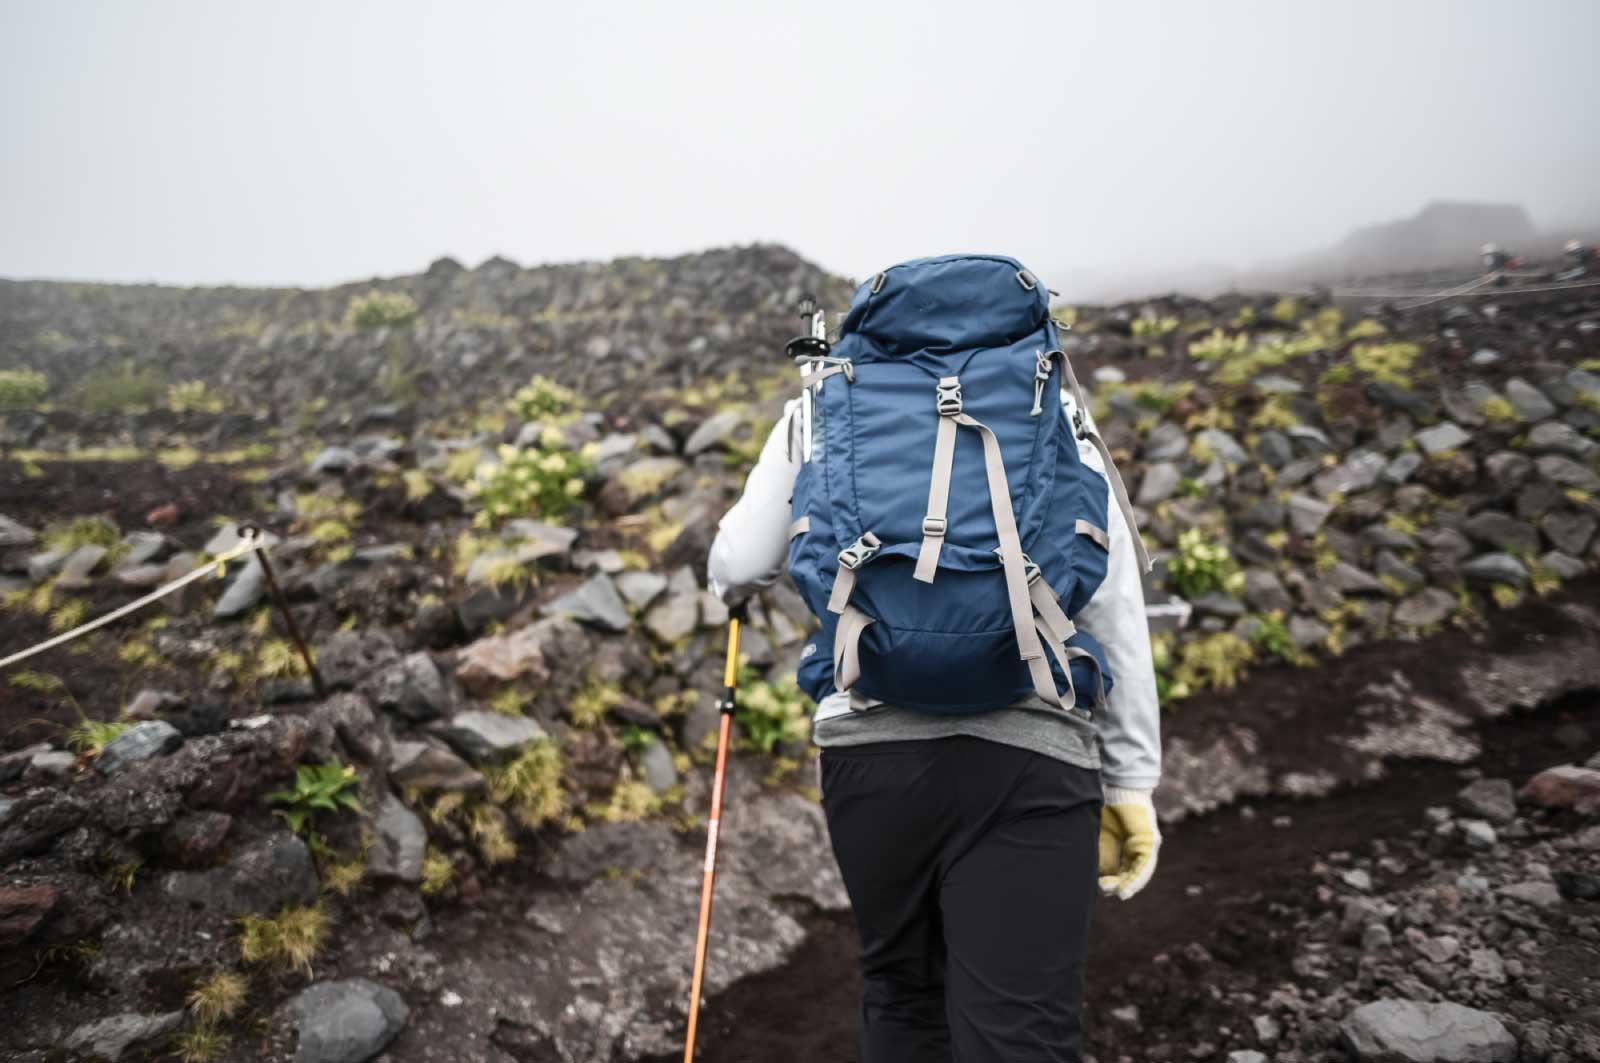 山登りをはじめ様々な自然スポットを訪れるのが人生の楽しみ